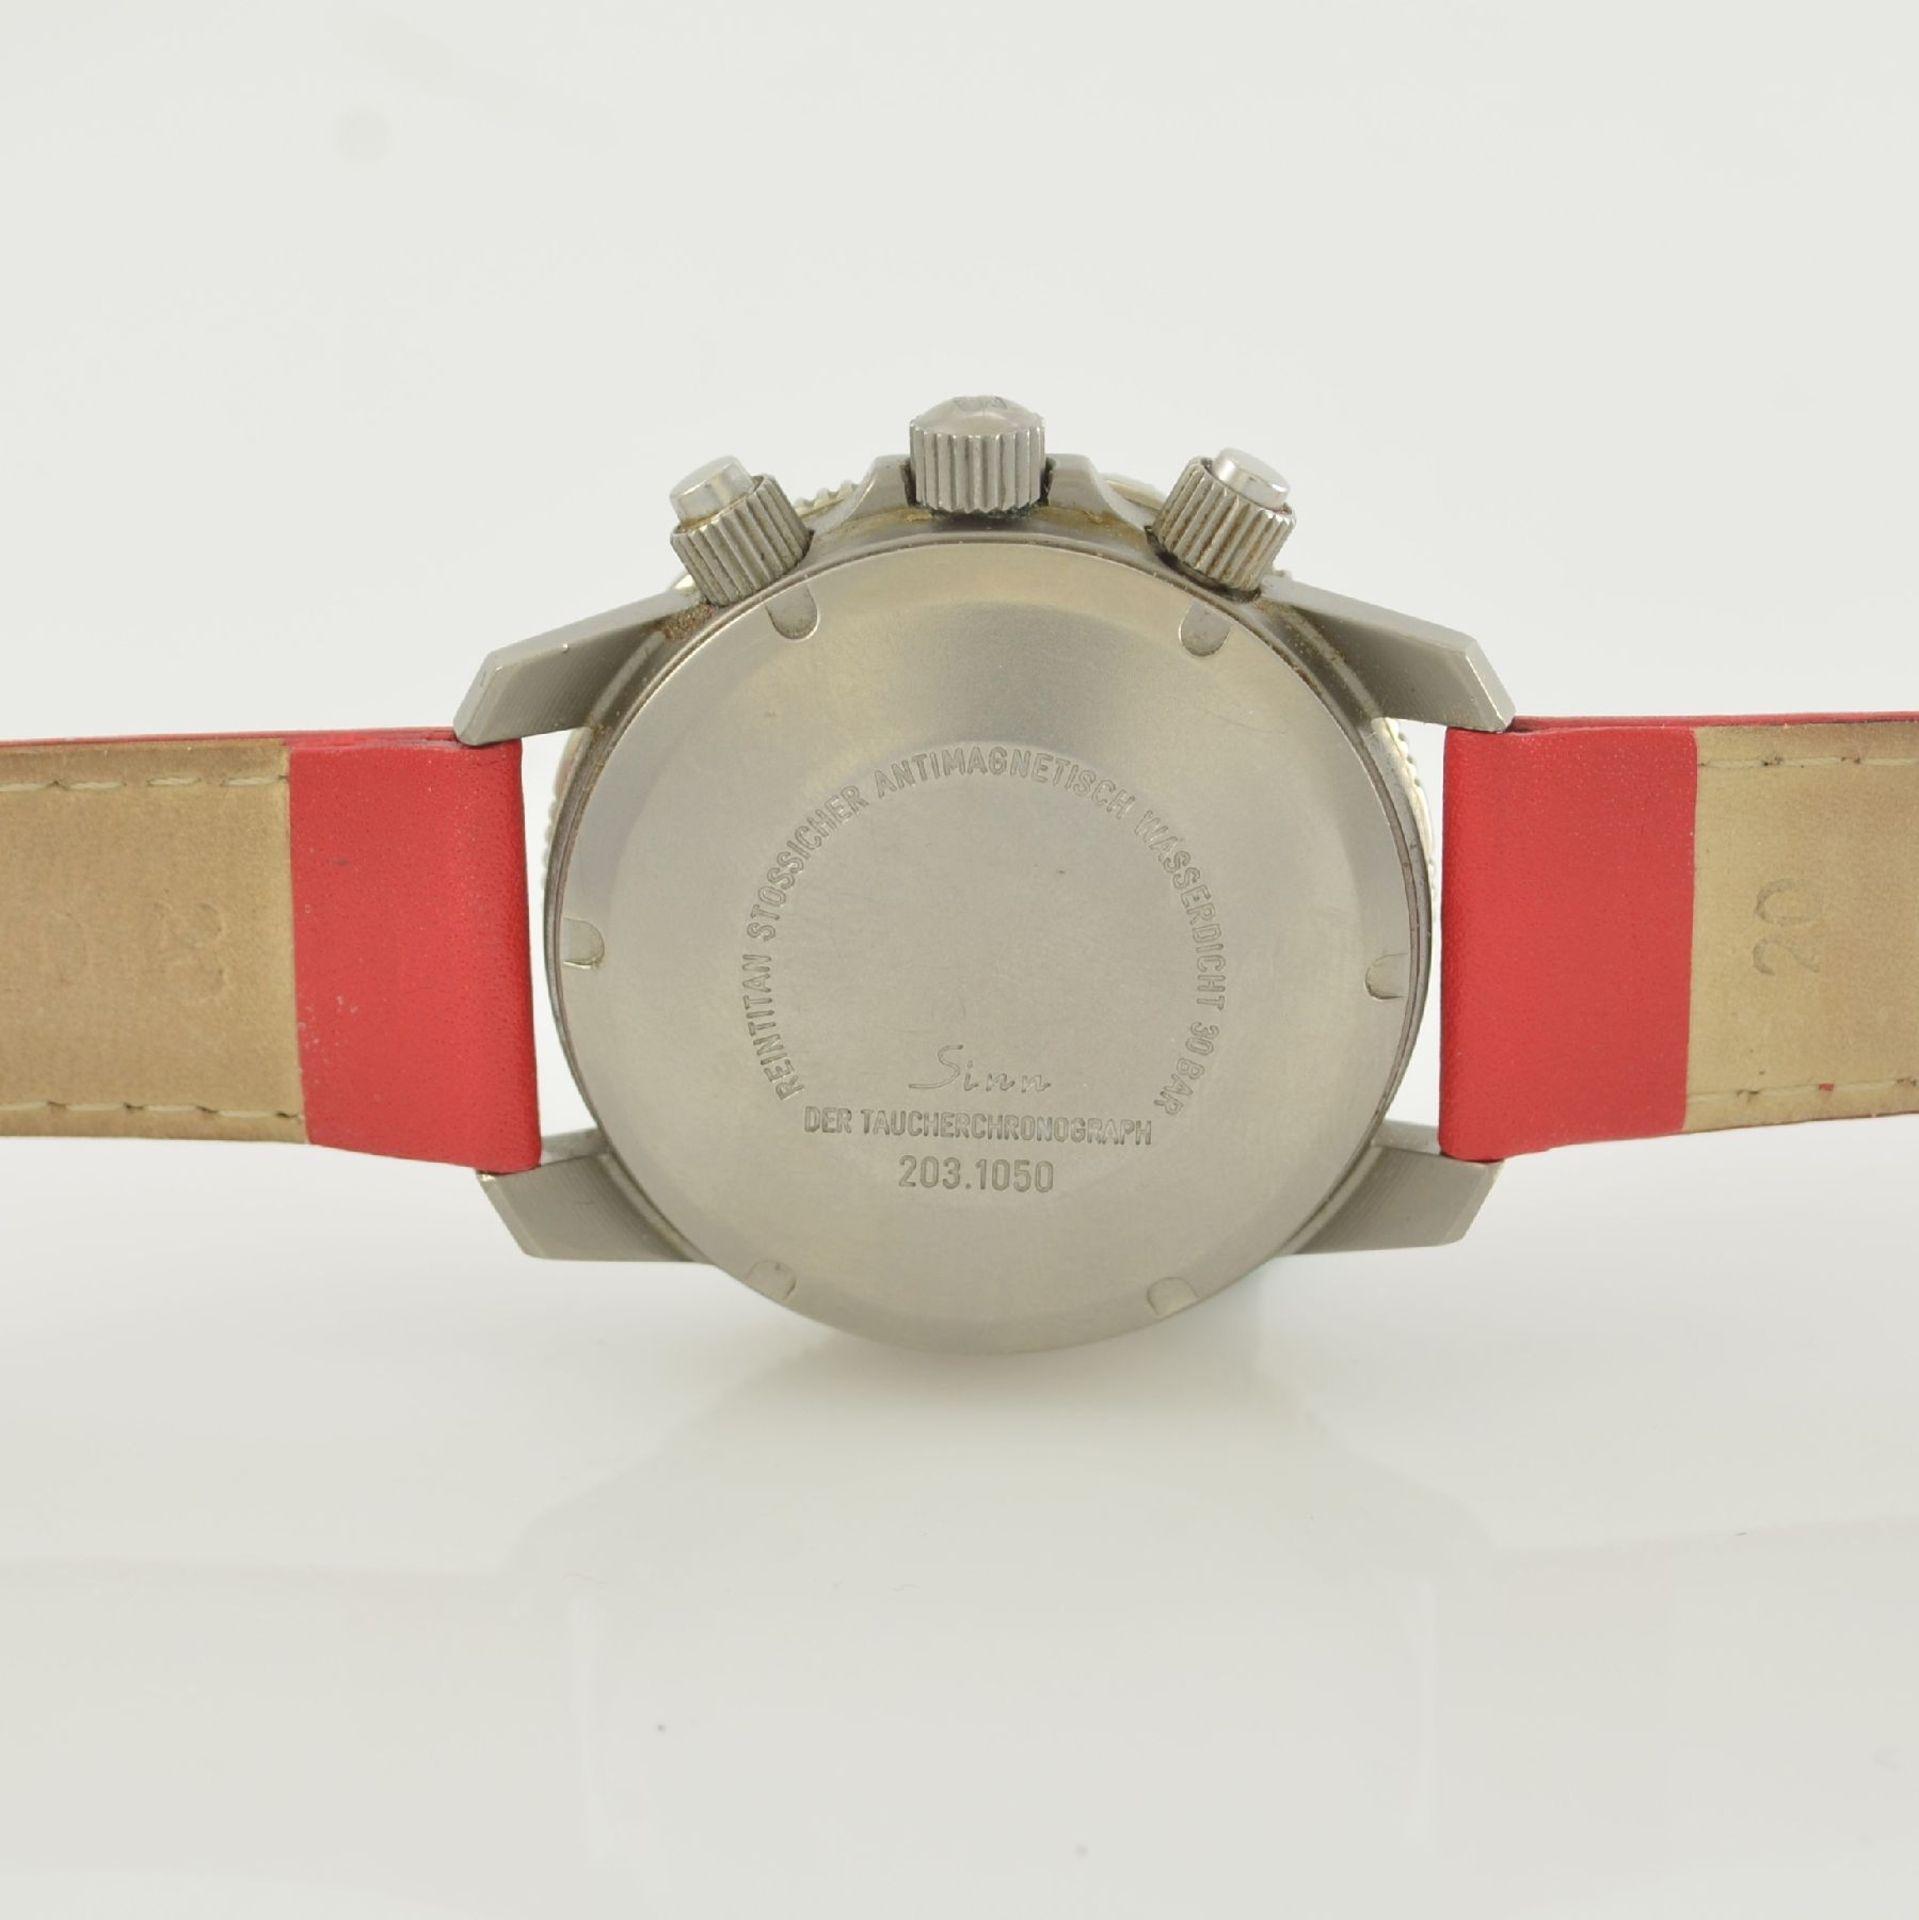 """SINN 203 Ar """"Der Taucherchronograph"""" in Reintitan, Schweiz um 2000, Automatik, mattiertes Geh. m. - Bild 6 aus 6"""